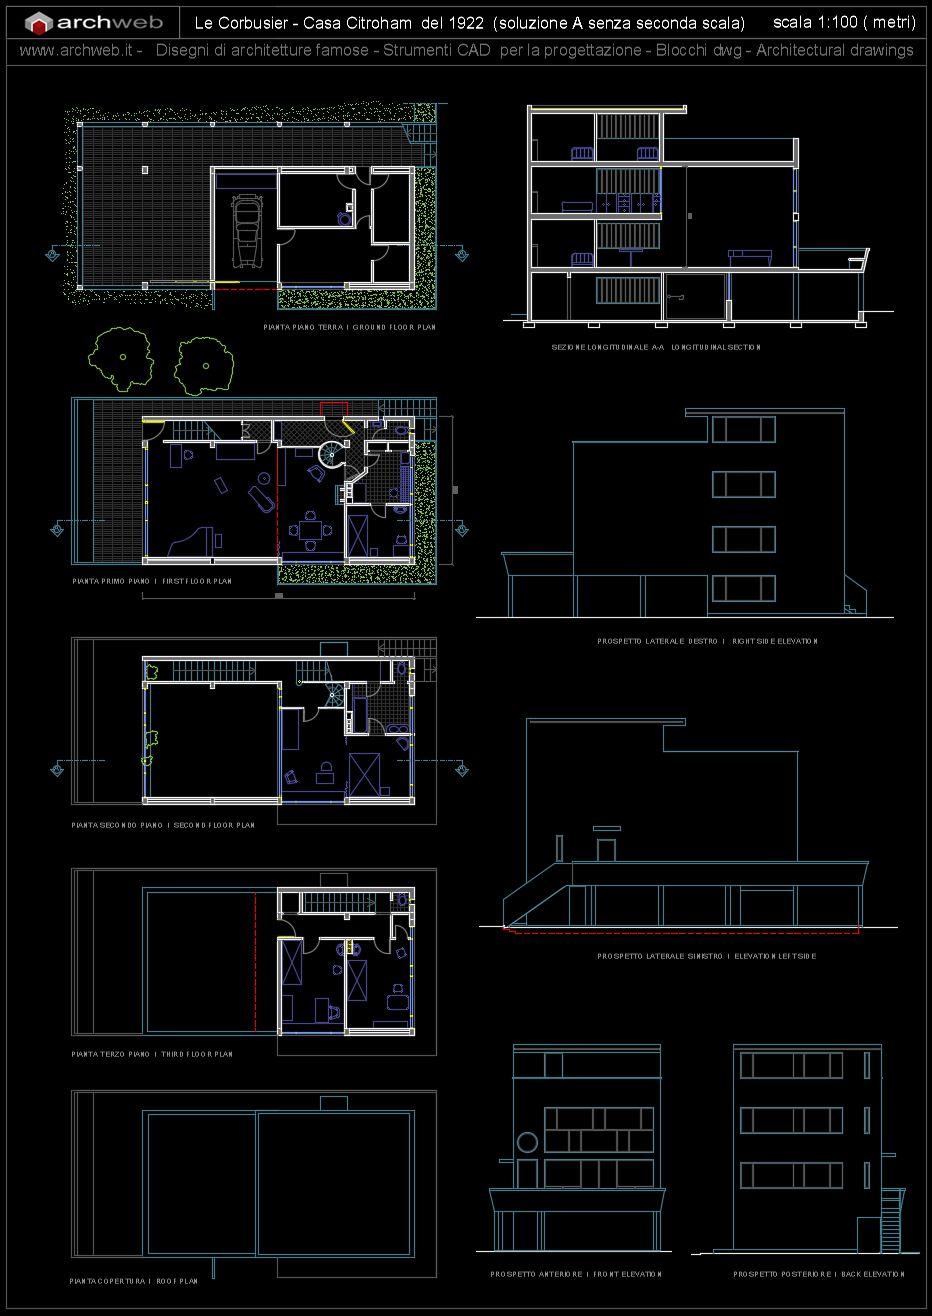 Maison Citröhan 1922 Le Corbusier Archweb Autocad Diagrams